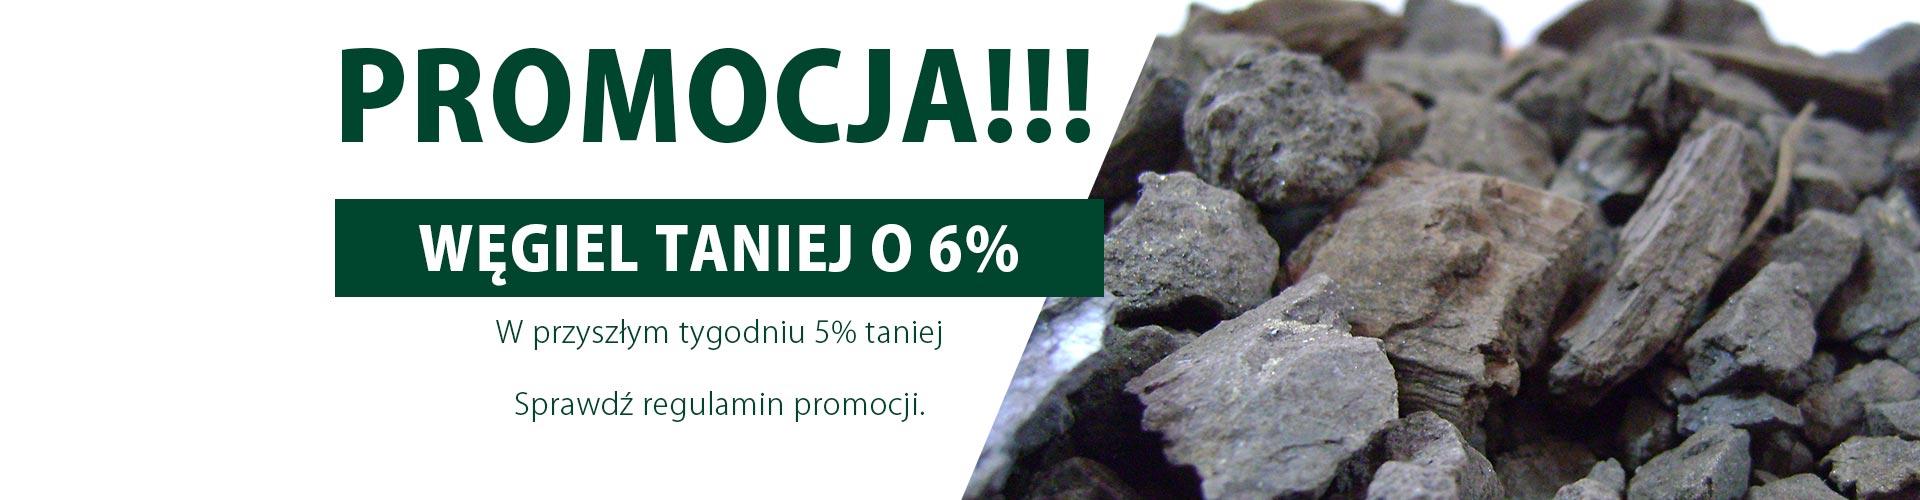 promocja-procentowa6